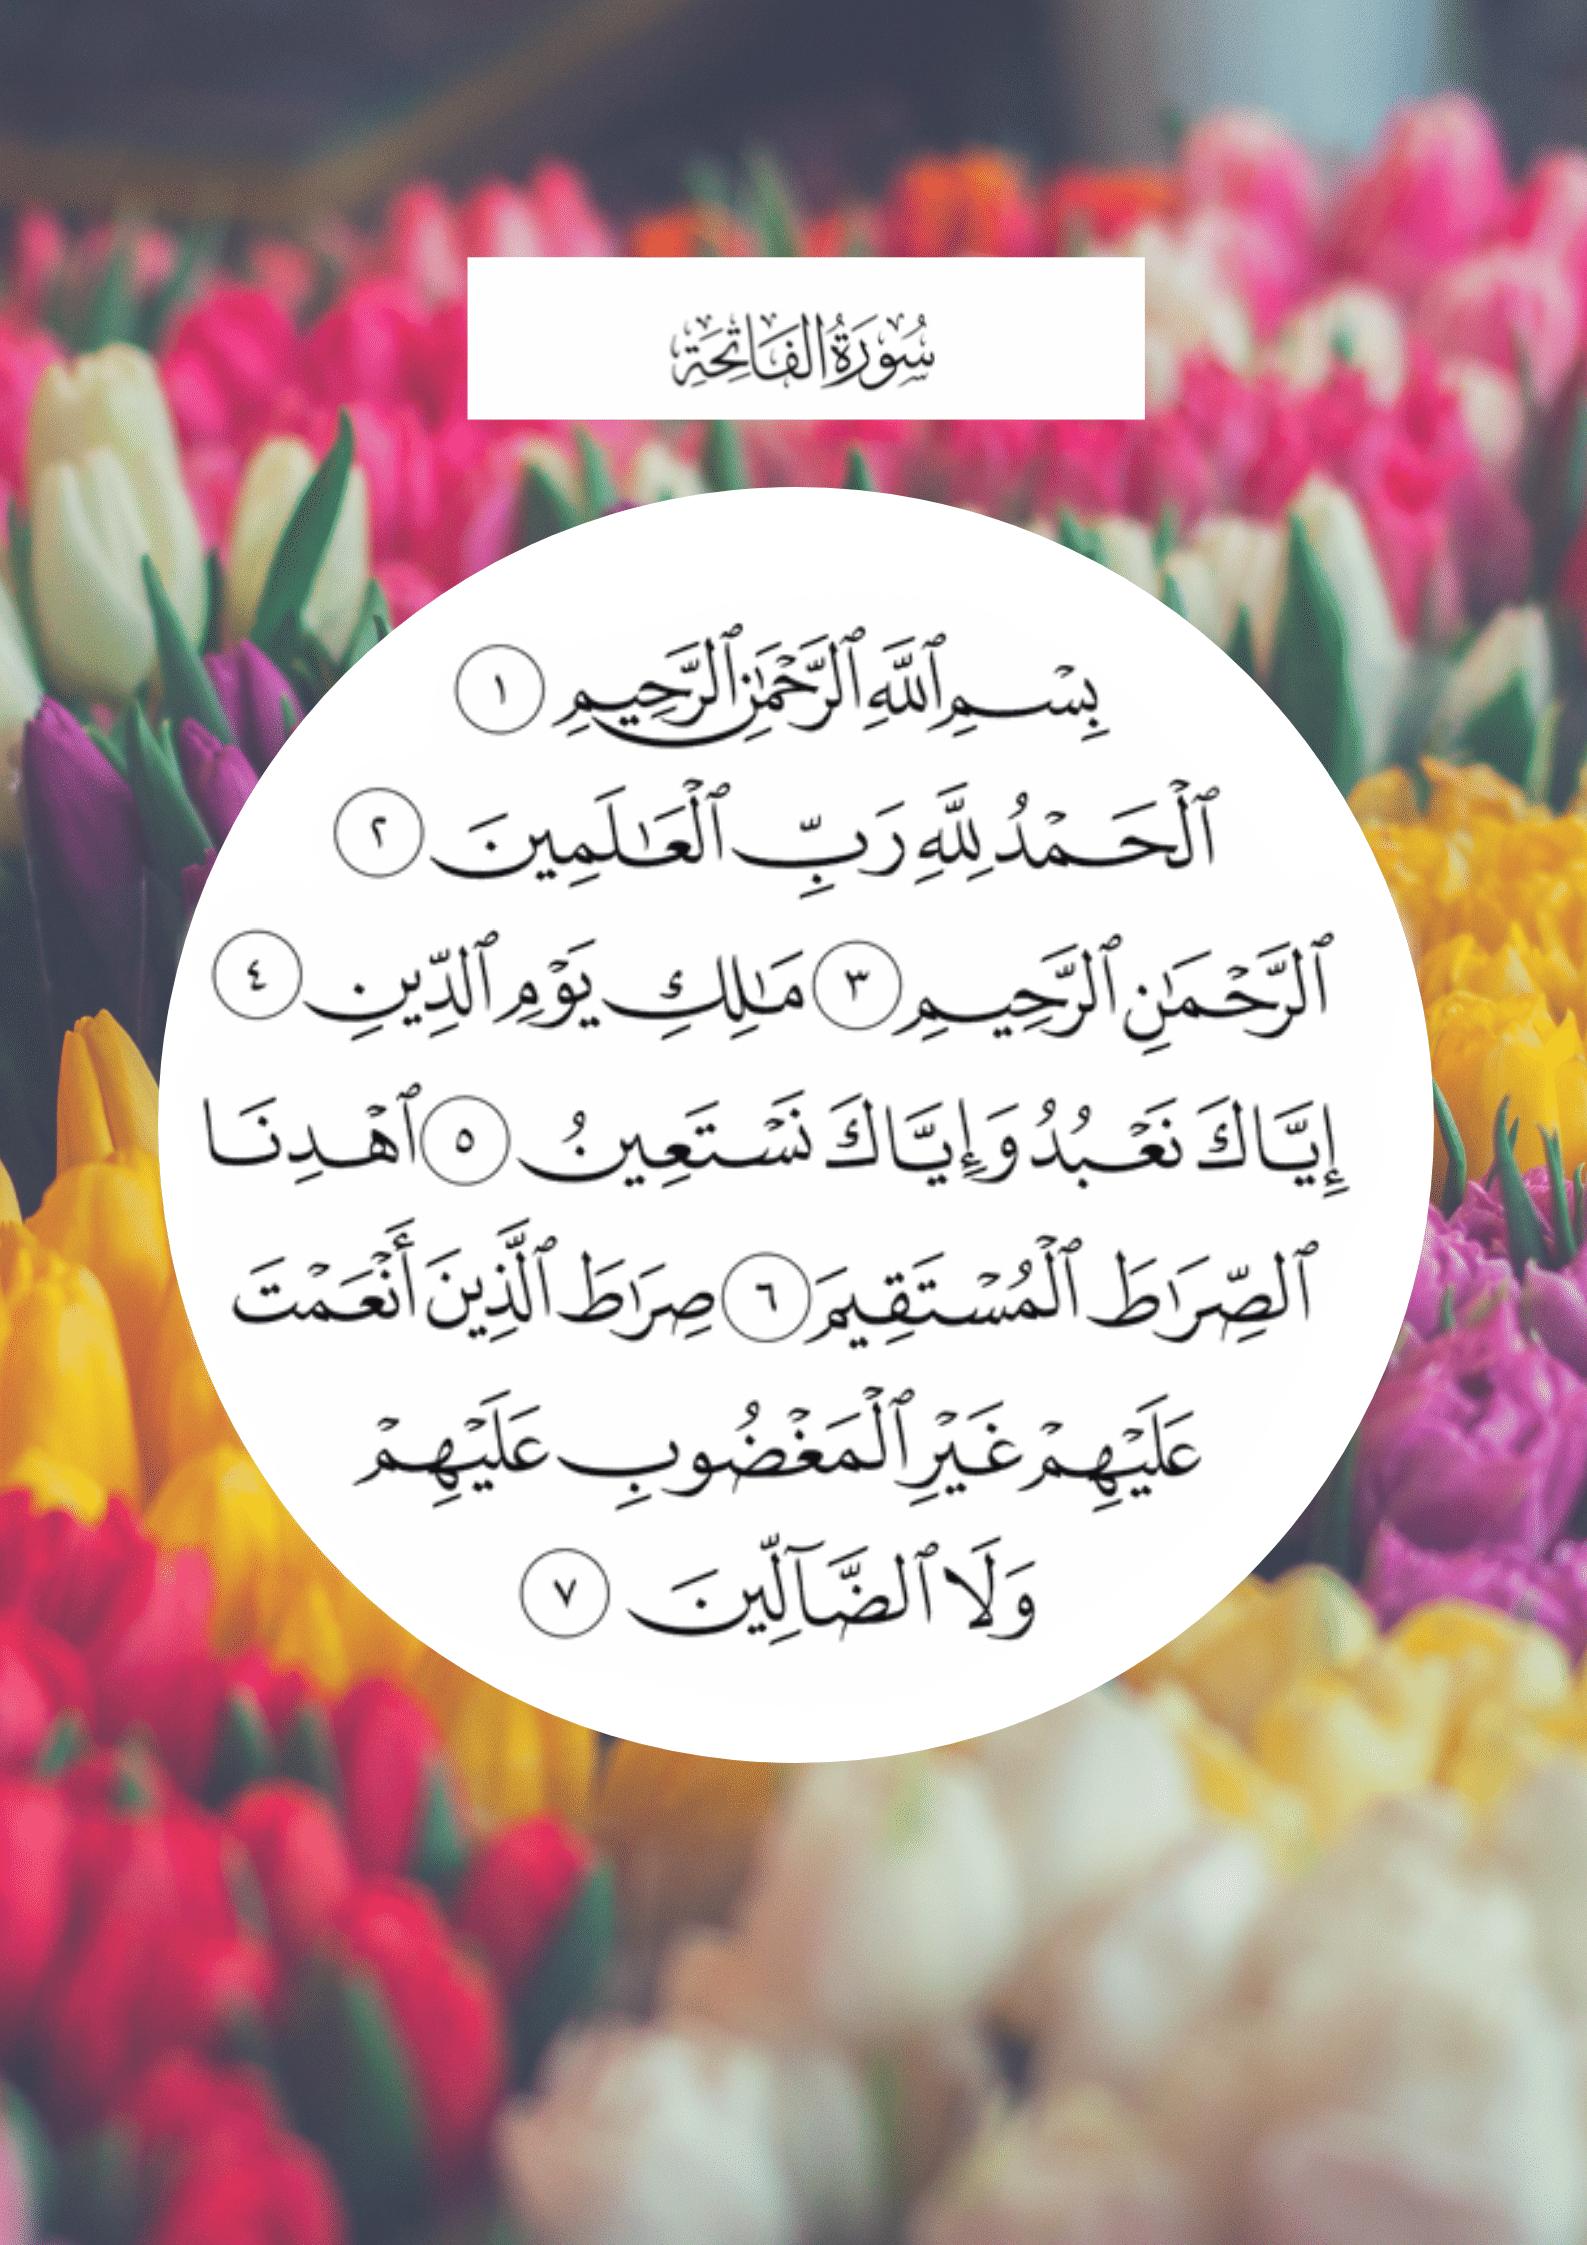 عجائب سورة الفاتحة